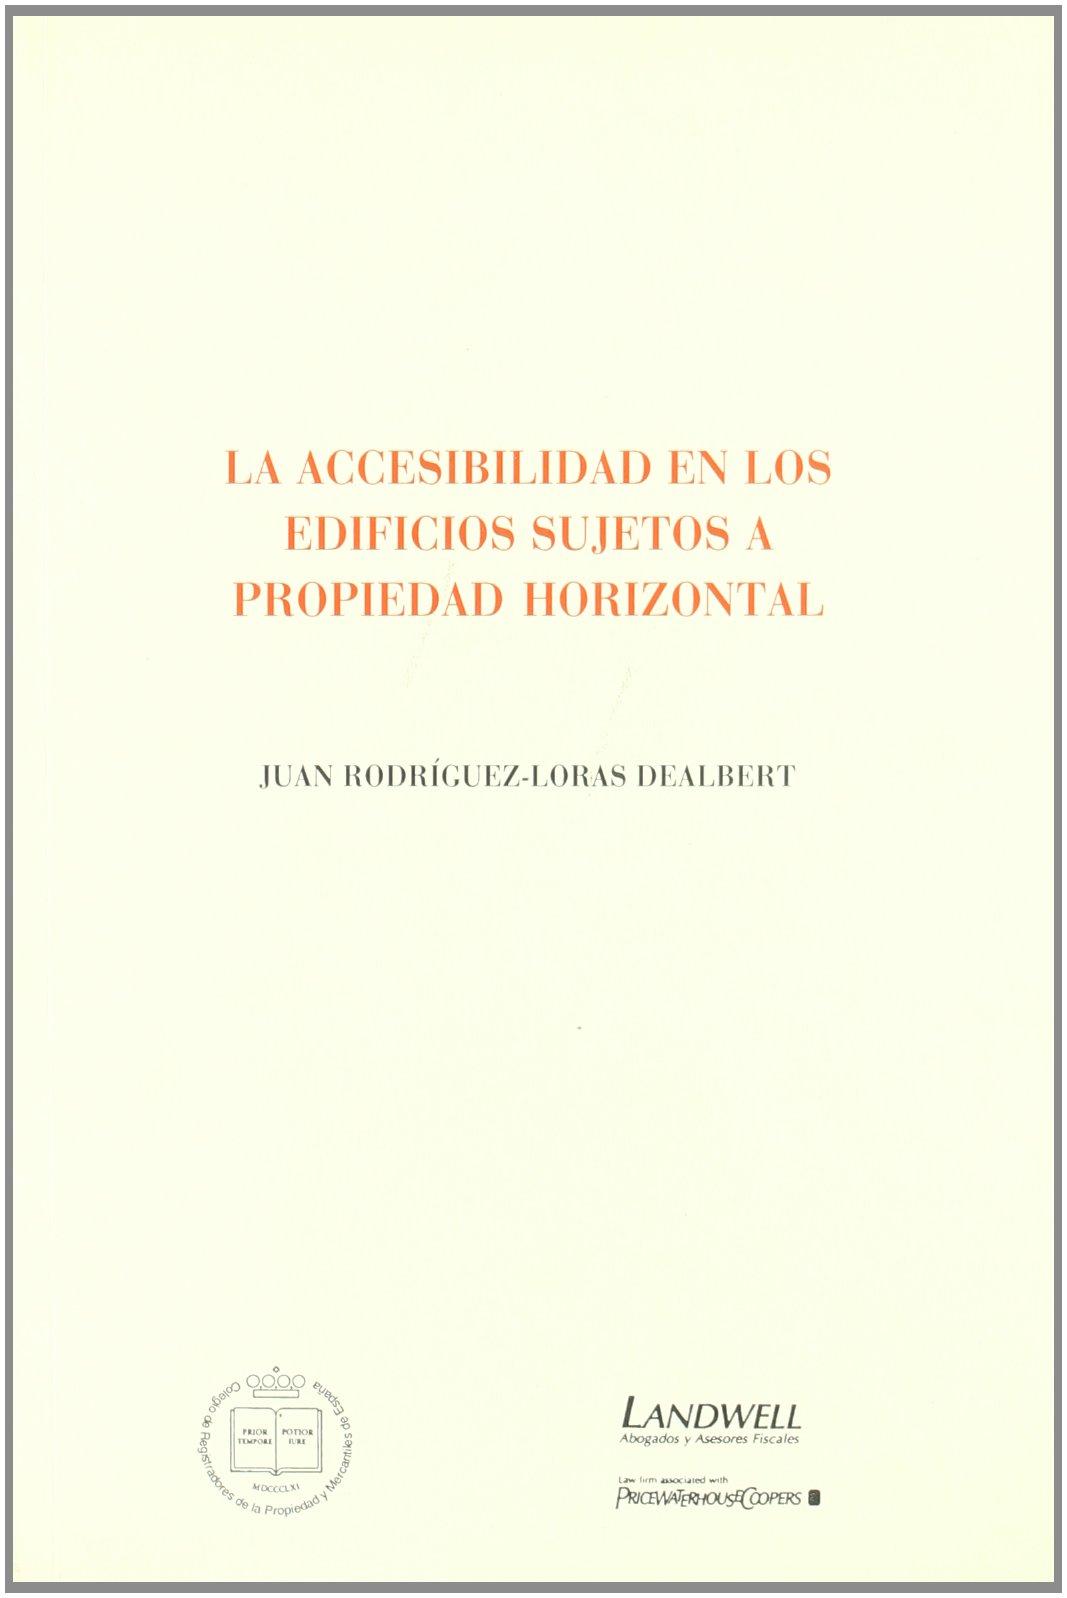 Accesibilidad en los edificios sujetos a propiedad horizontal, la: Amazon.es: Juan Rodriguez Loras Dealbert: Libros